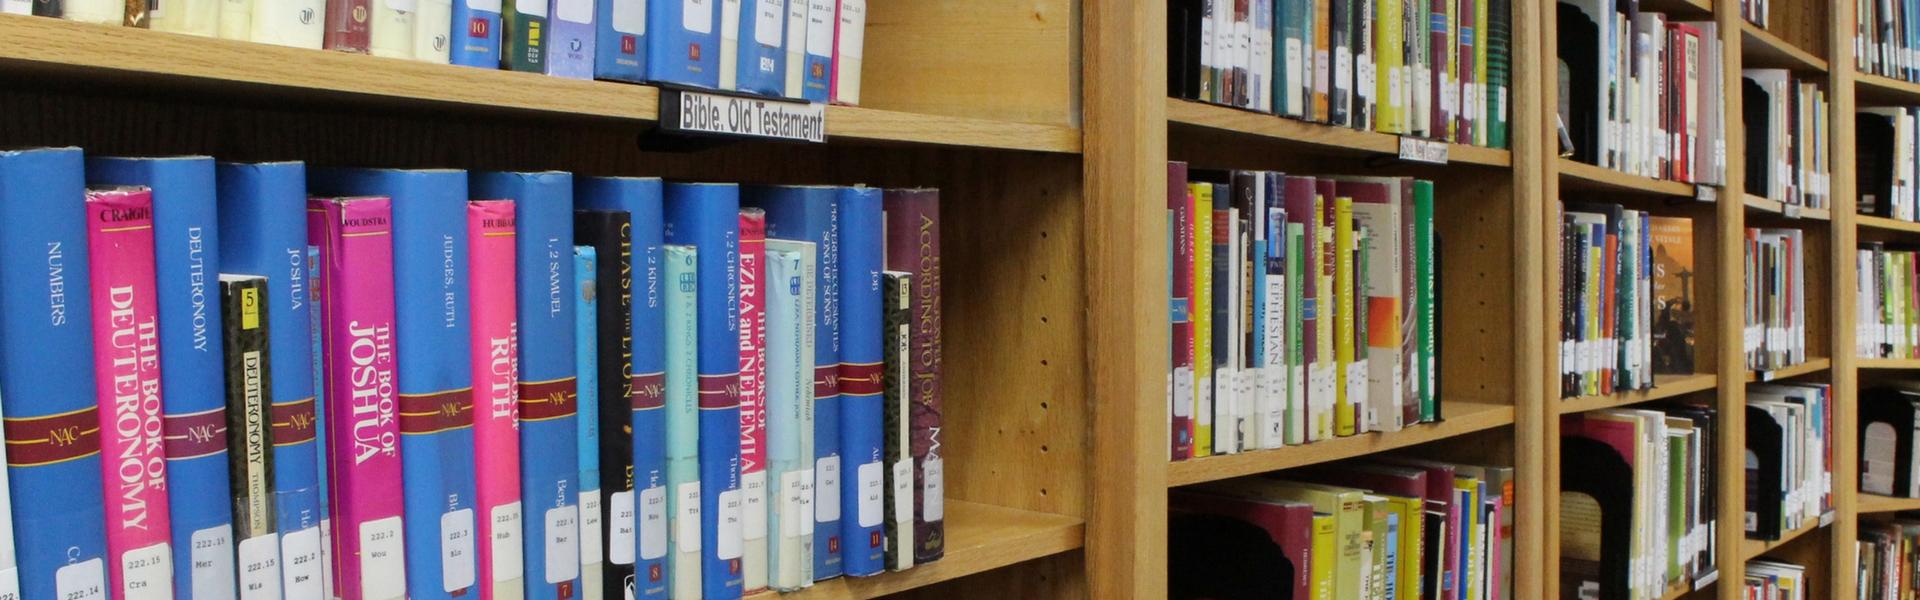 نرم افزار حسابداری و مدیریت کتابخانه و کتابداری نوین